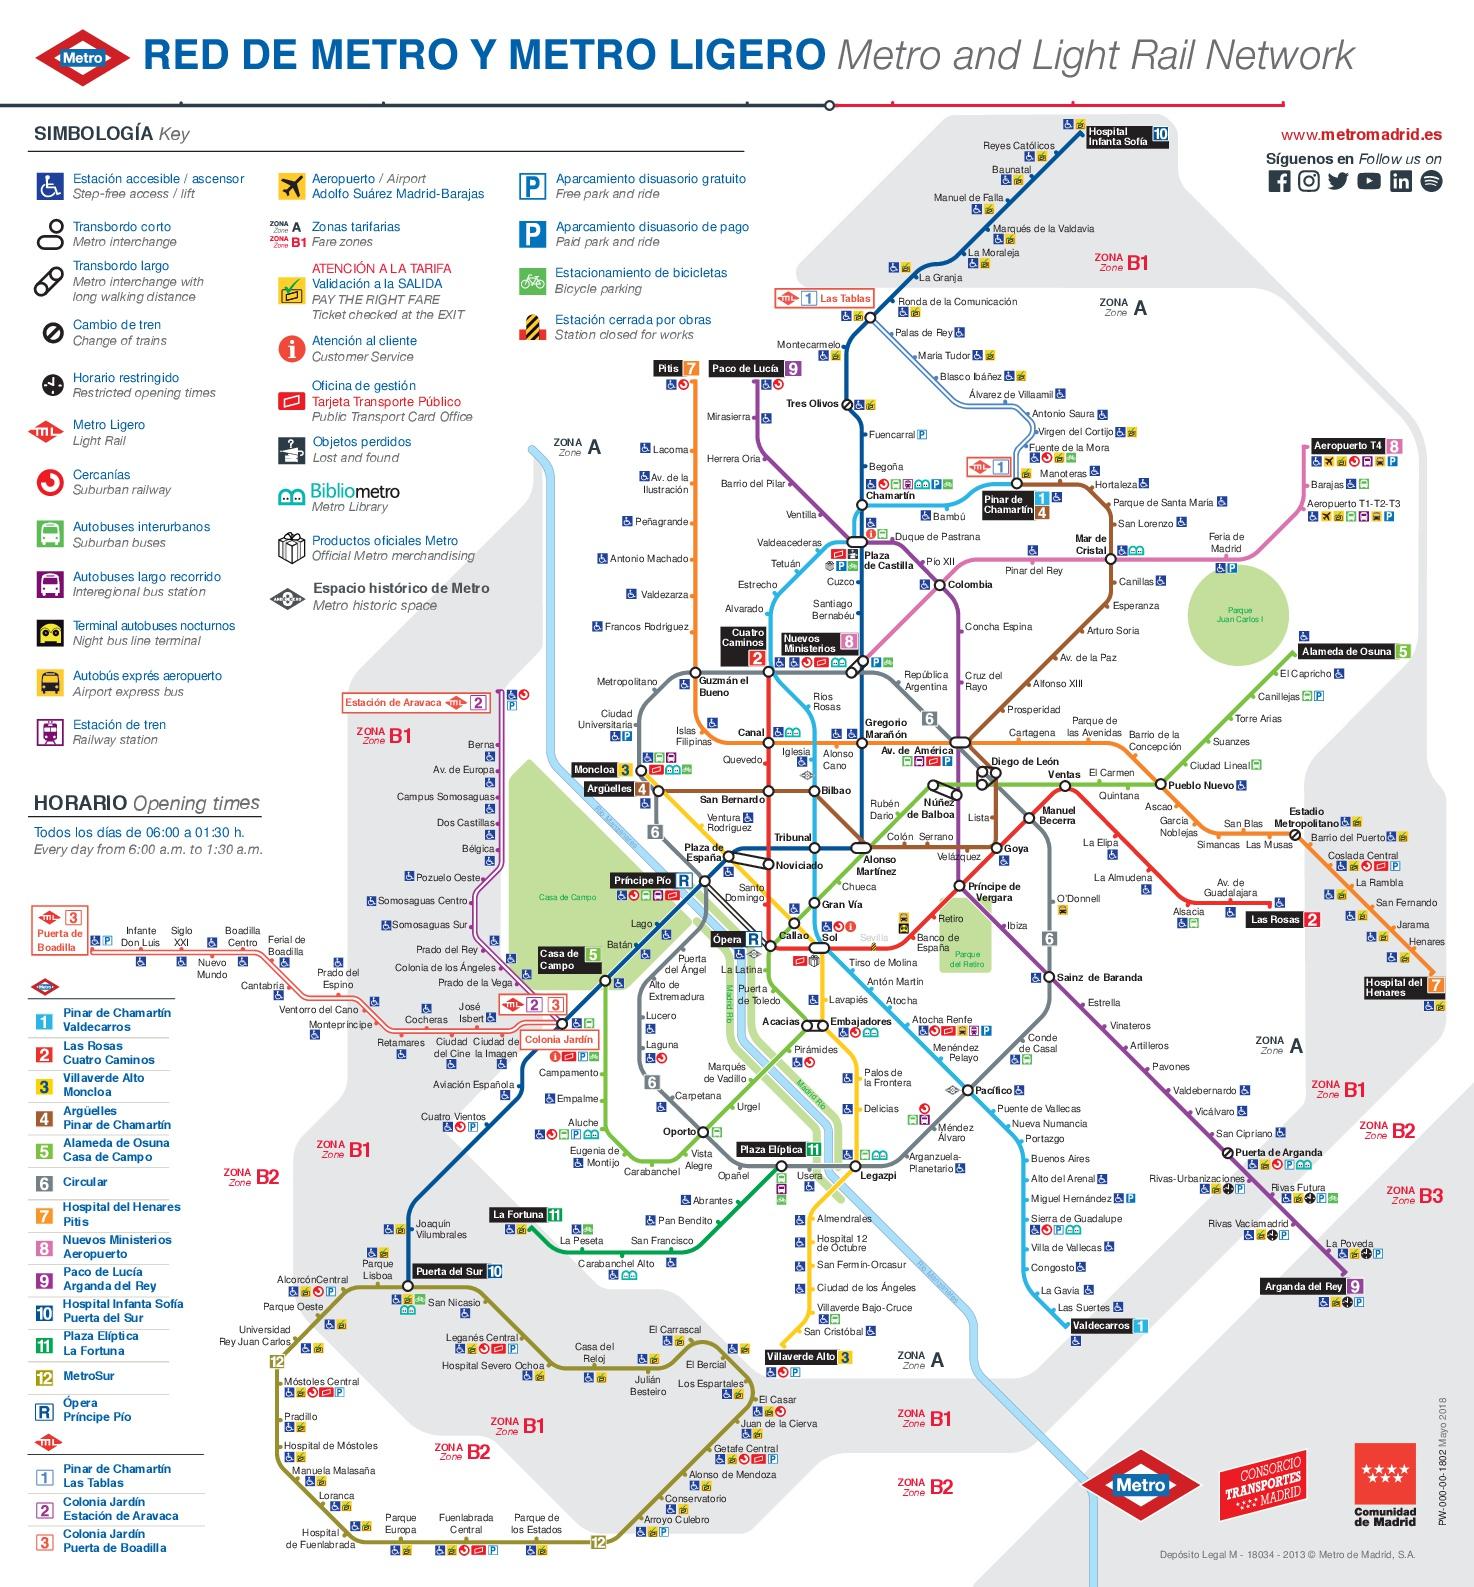 马德里地铁概况.jpg